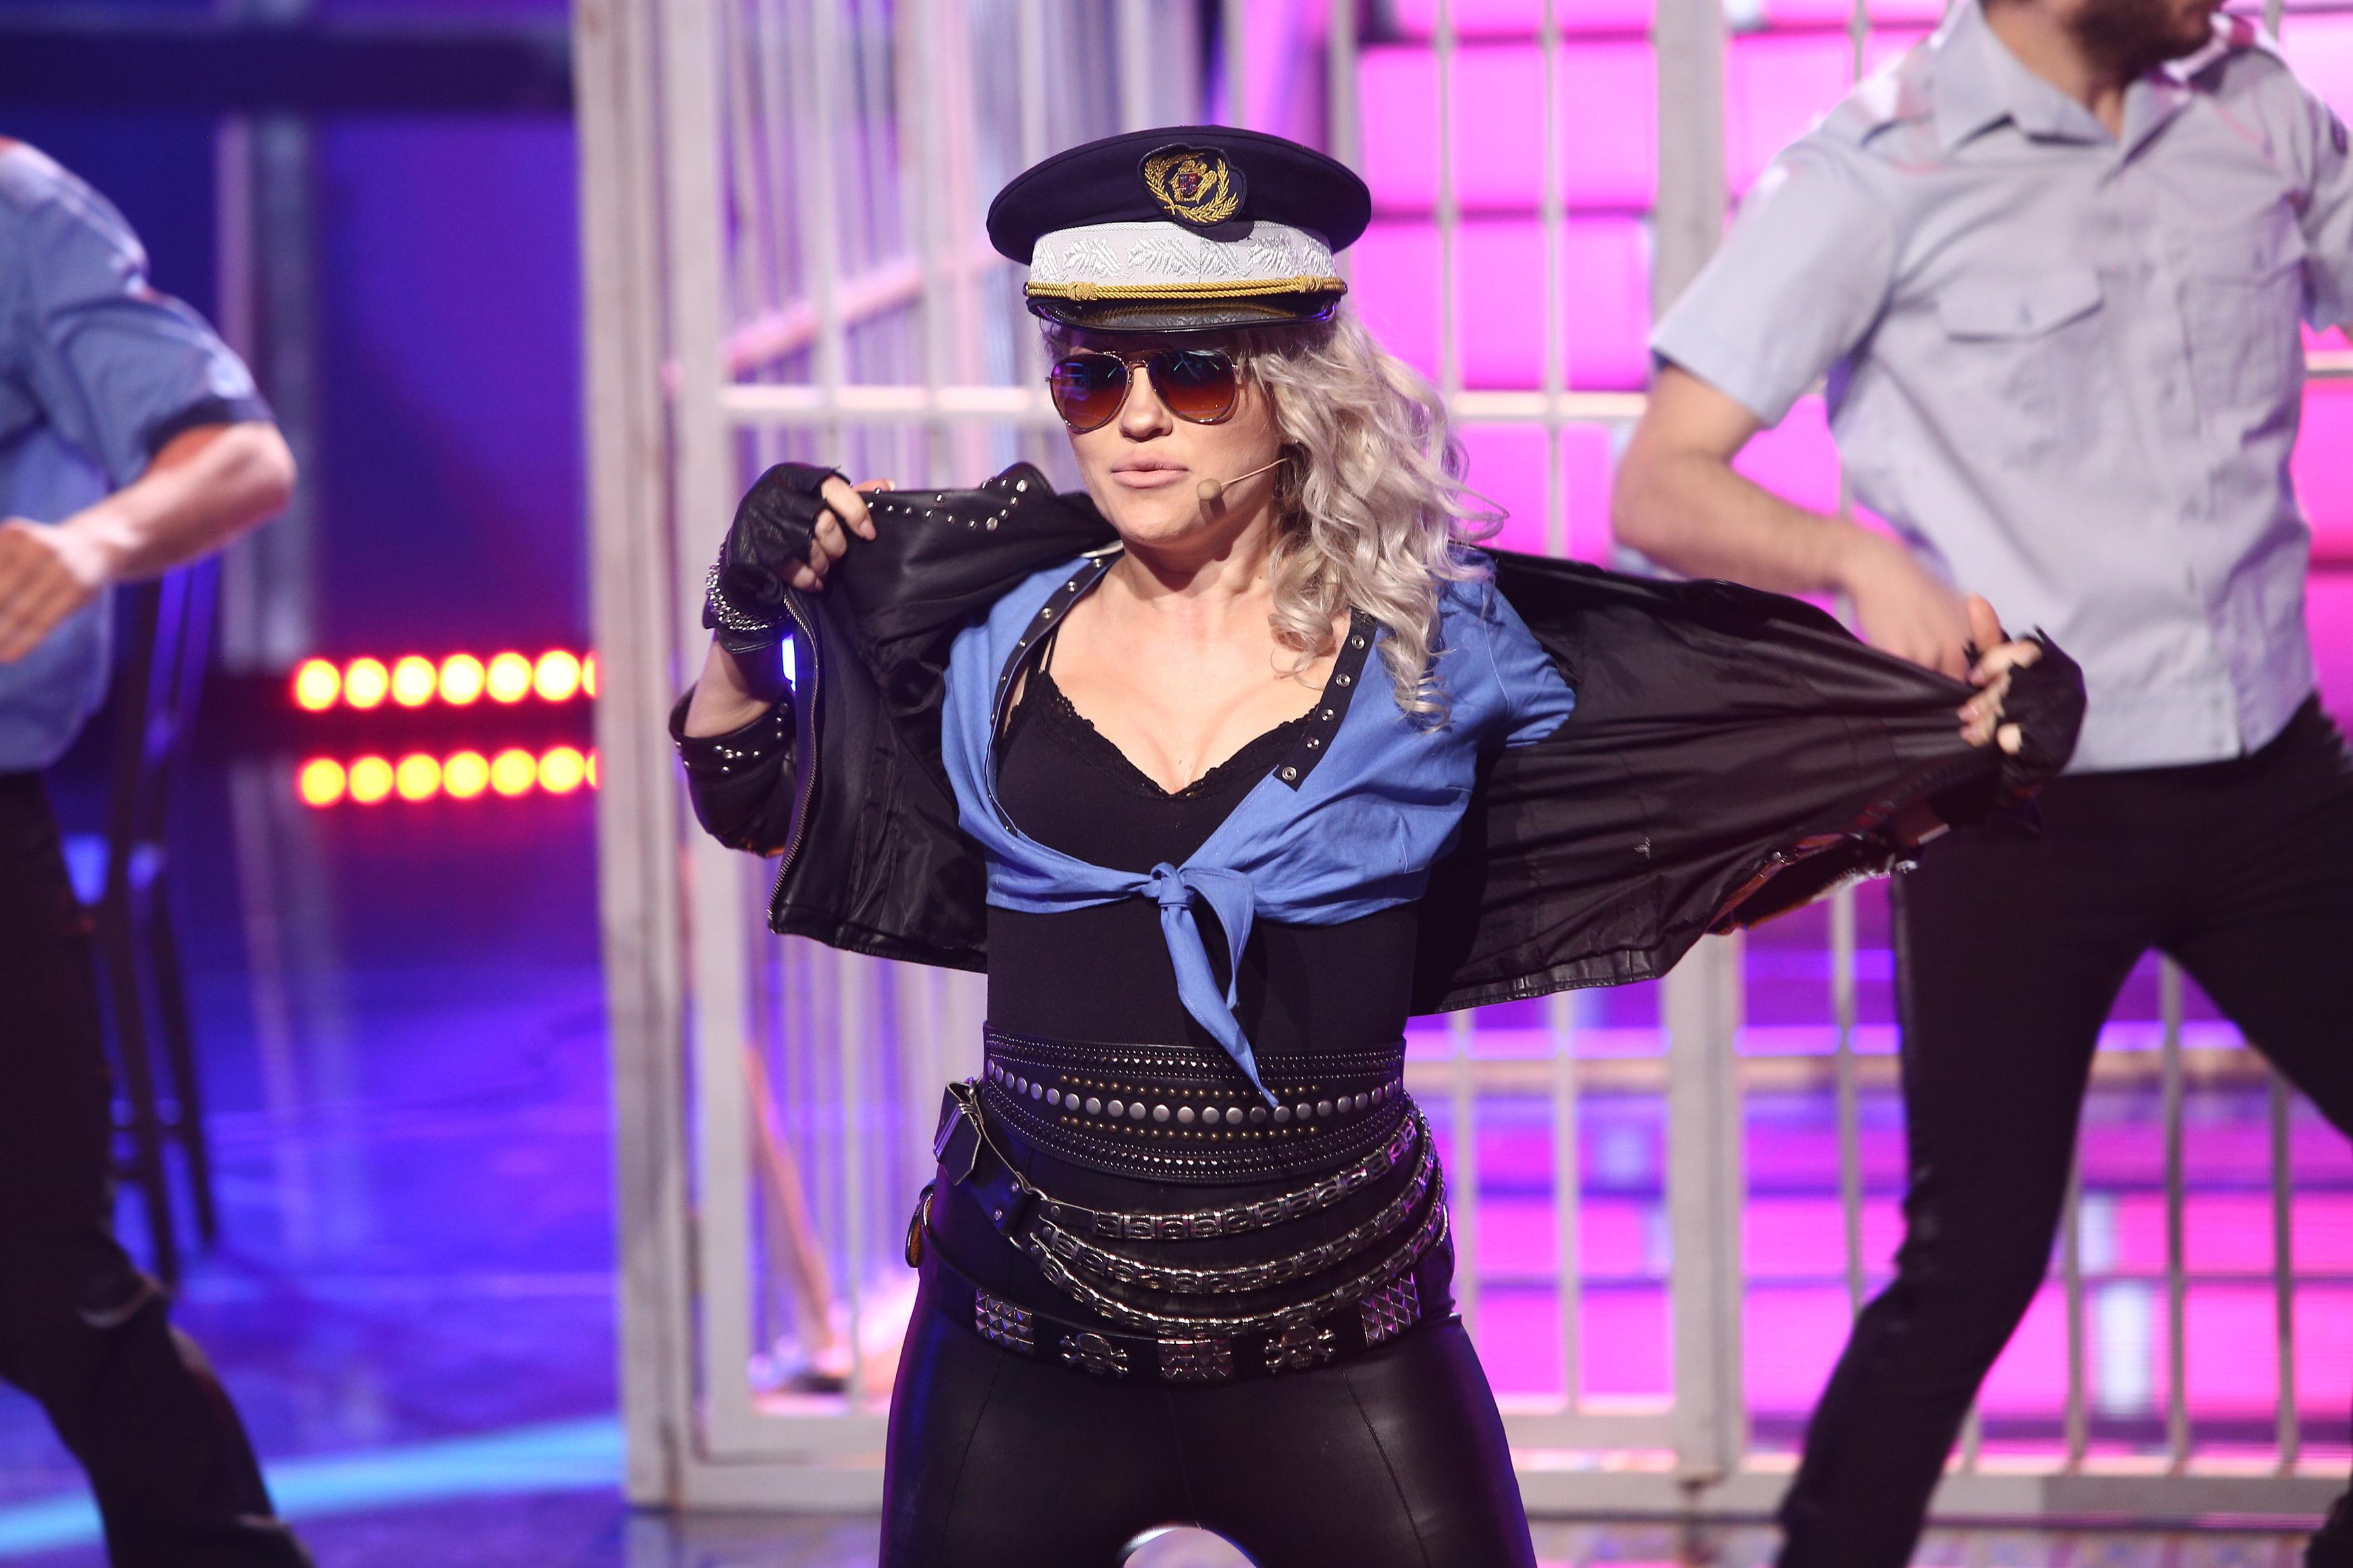 Te cunosc de undeva, 1 mai 2021. Mirela Vaida, o apariție răvășitoare, transformată în Alexandra Stan, face un show incendiar